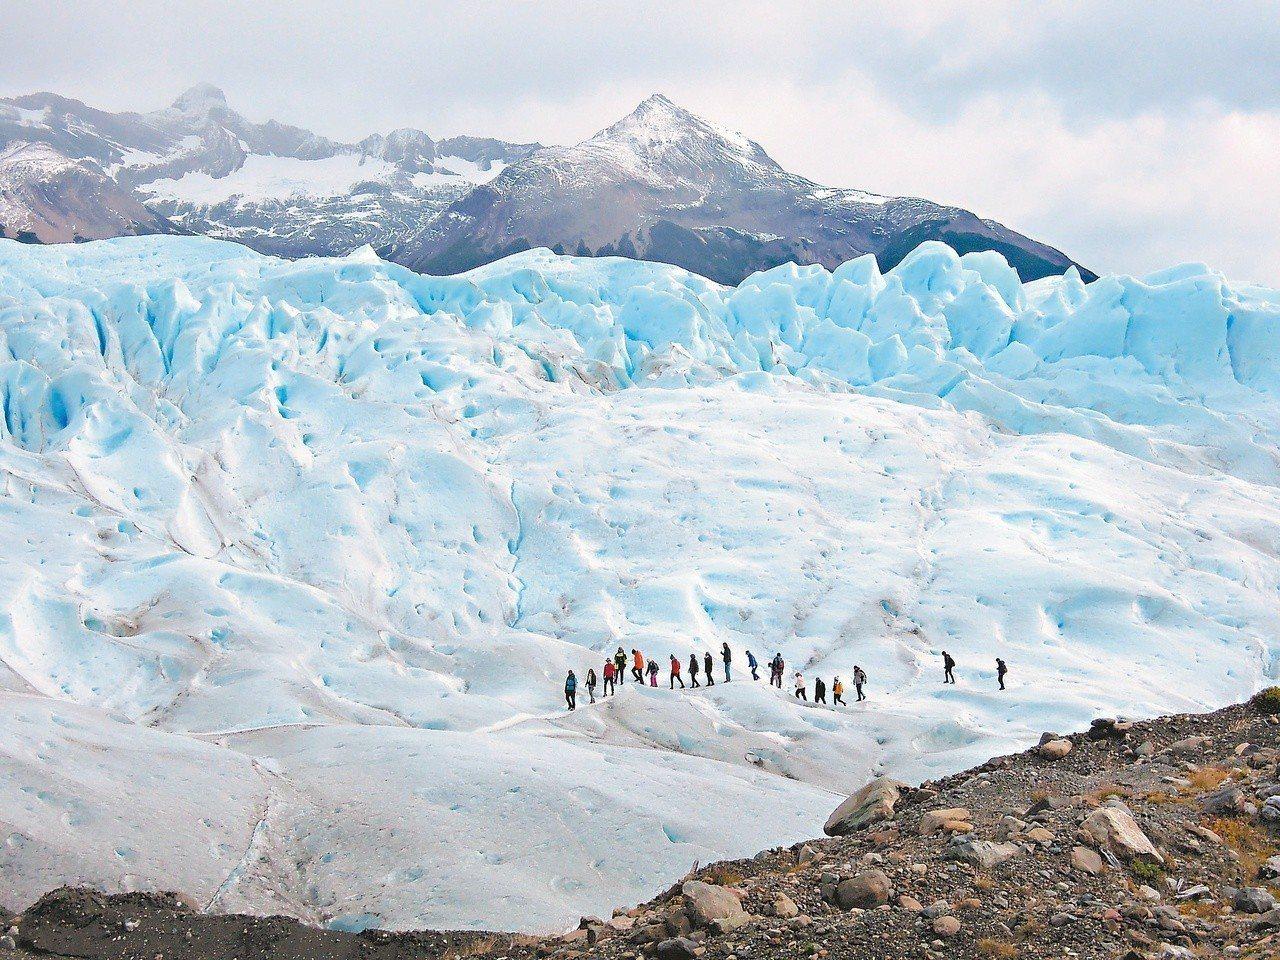 冰河裡暗藏小河,流淌著鑽石與水晶。